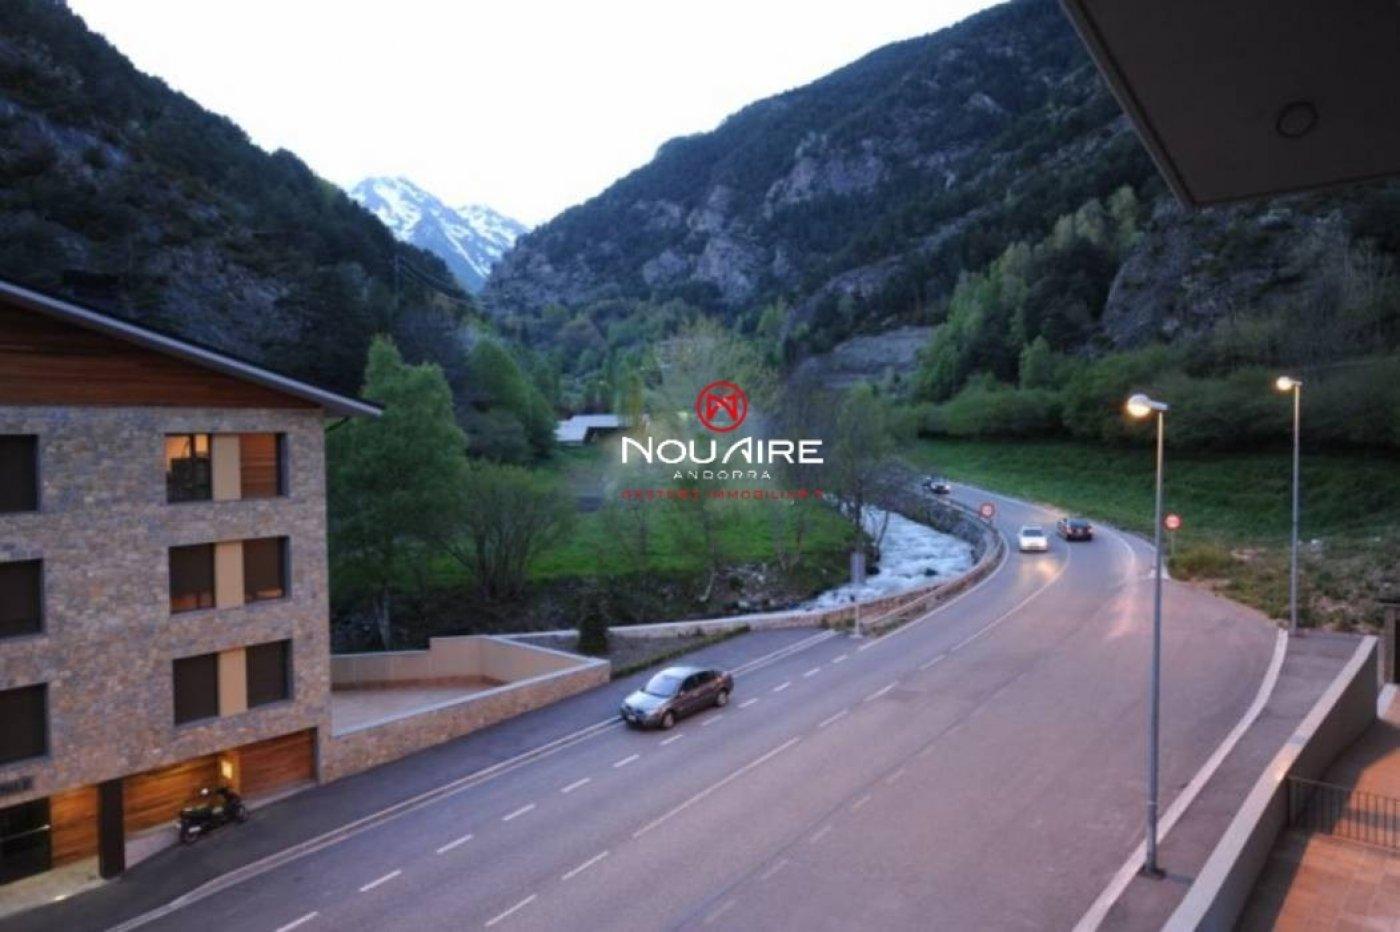 Pis prop de el poble i fàcil accés a la zona d'esquí